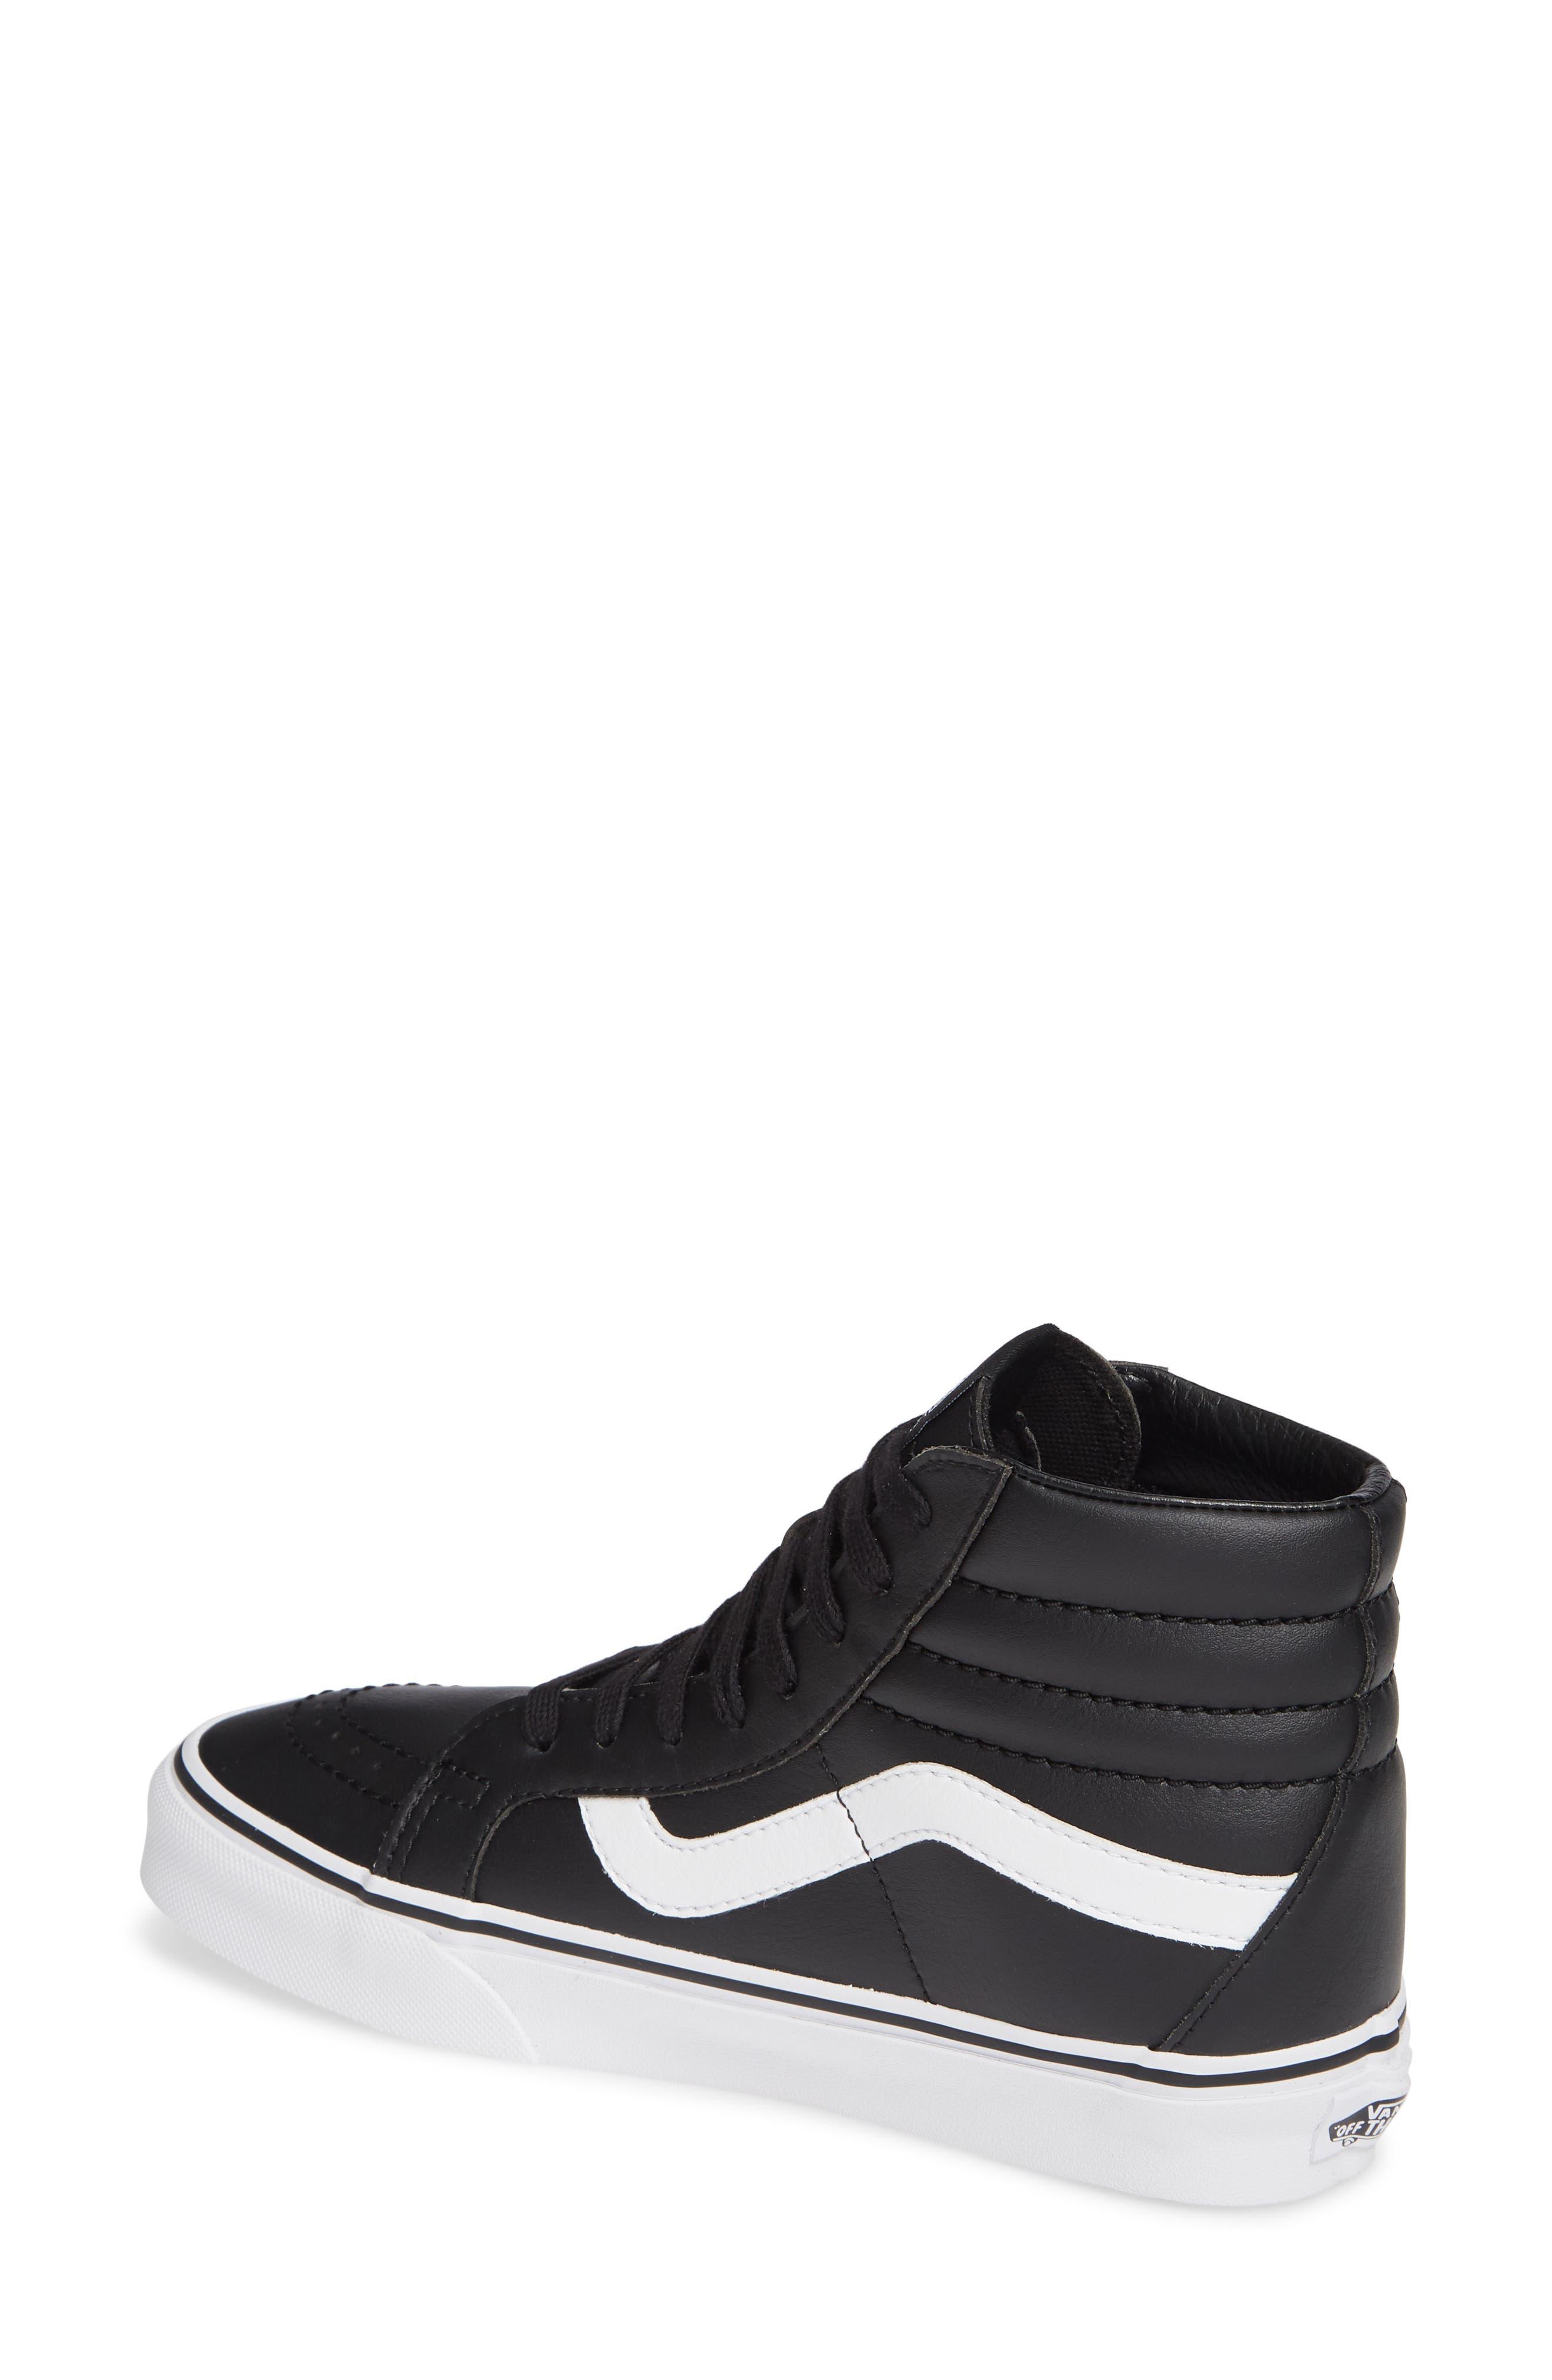 VANS,                             'Sk8-Hi Reissue' Sneaker,                             Alternate thumbnail 2, color,                             BLACK/ TRUE WHITE